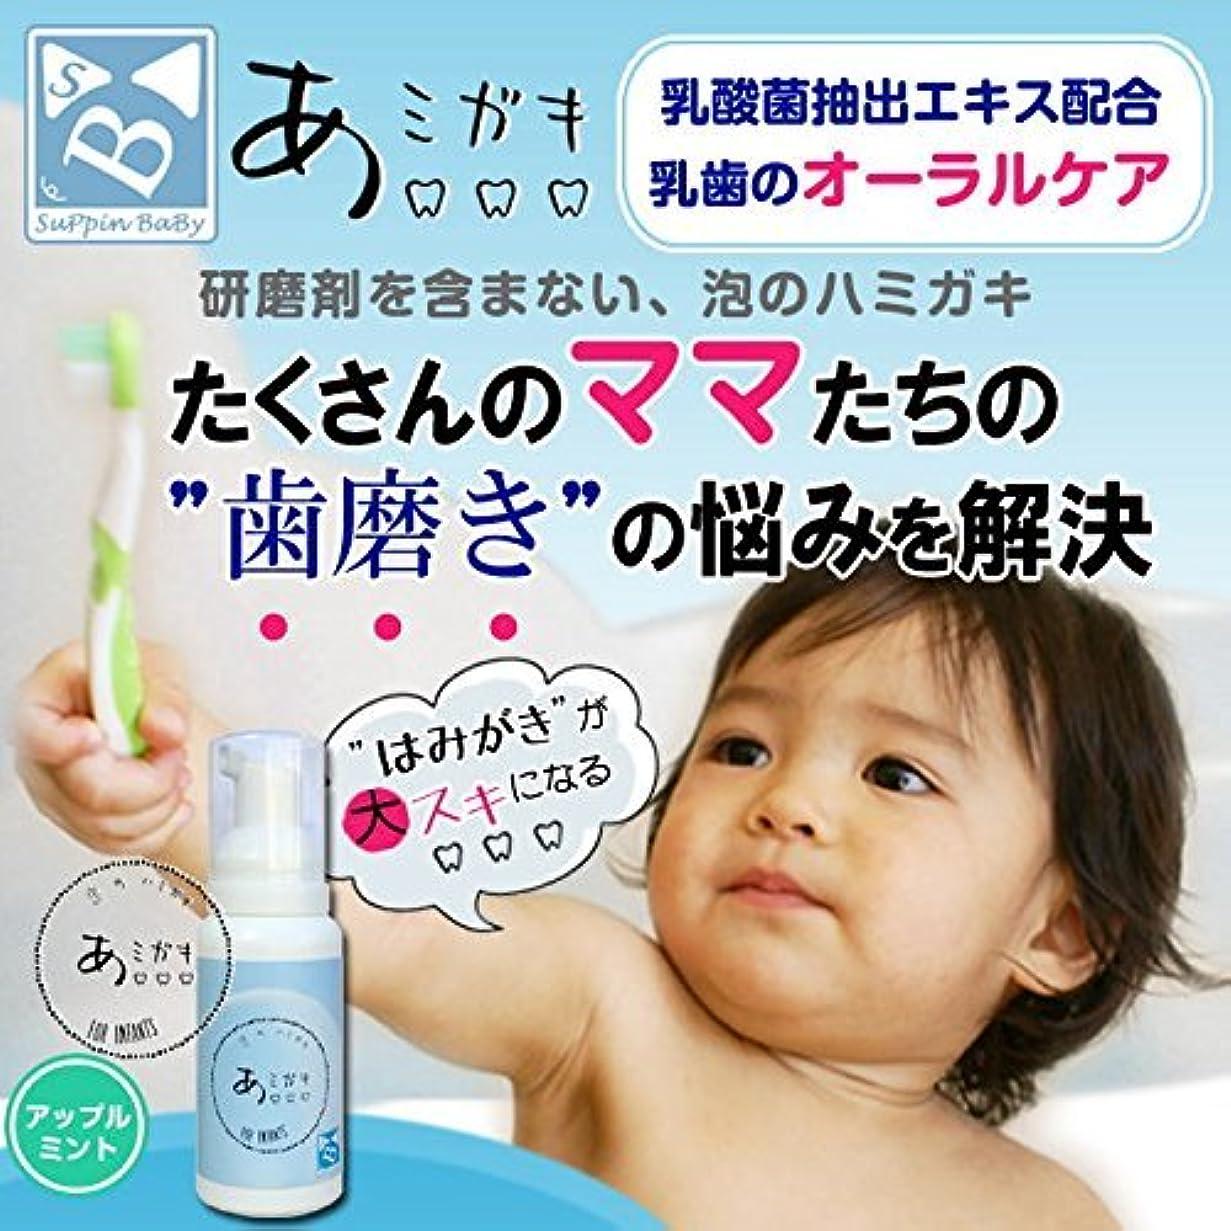 あミガキ (液体歯磨き) 80ml